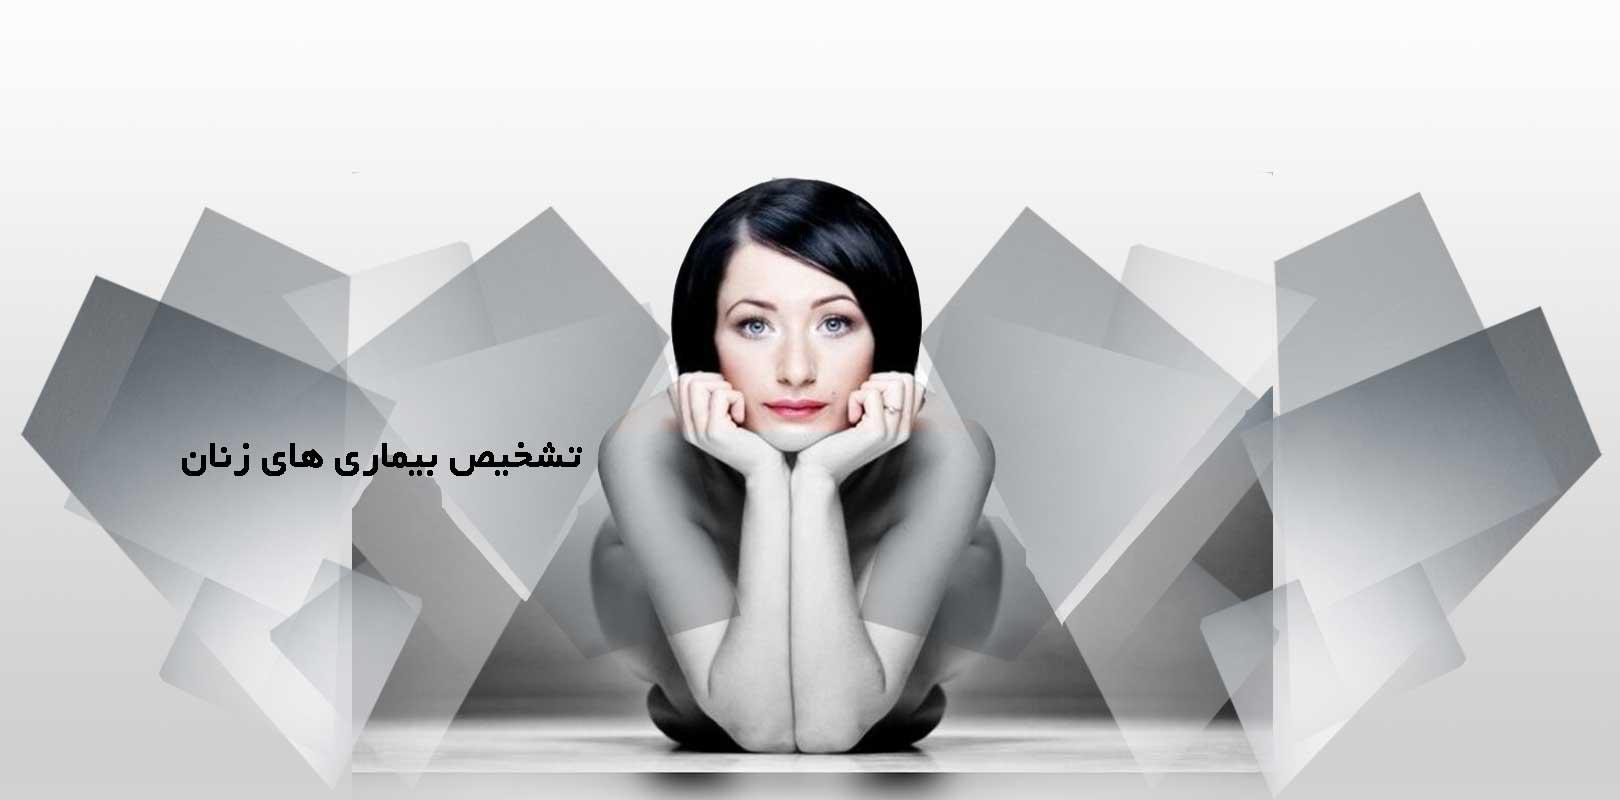 تشخیص بیماری های زنان | دکتر سعیده اسدی٬ متخصص زنان